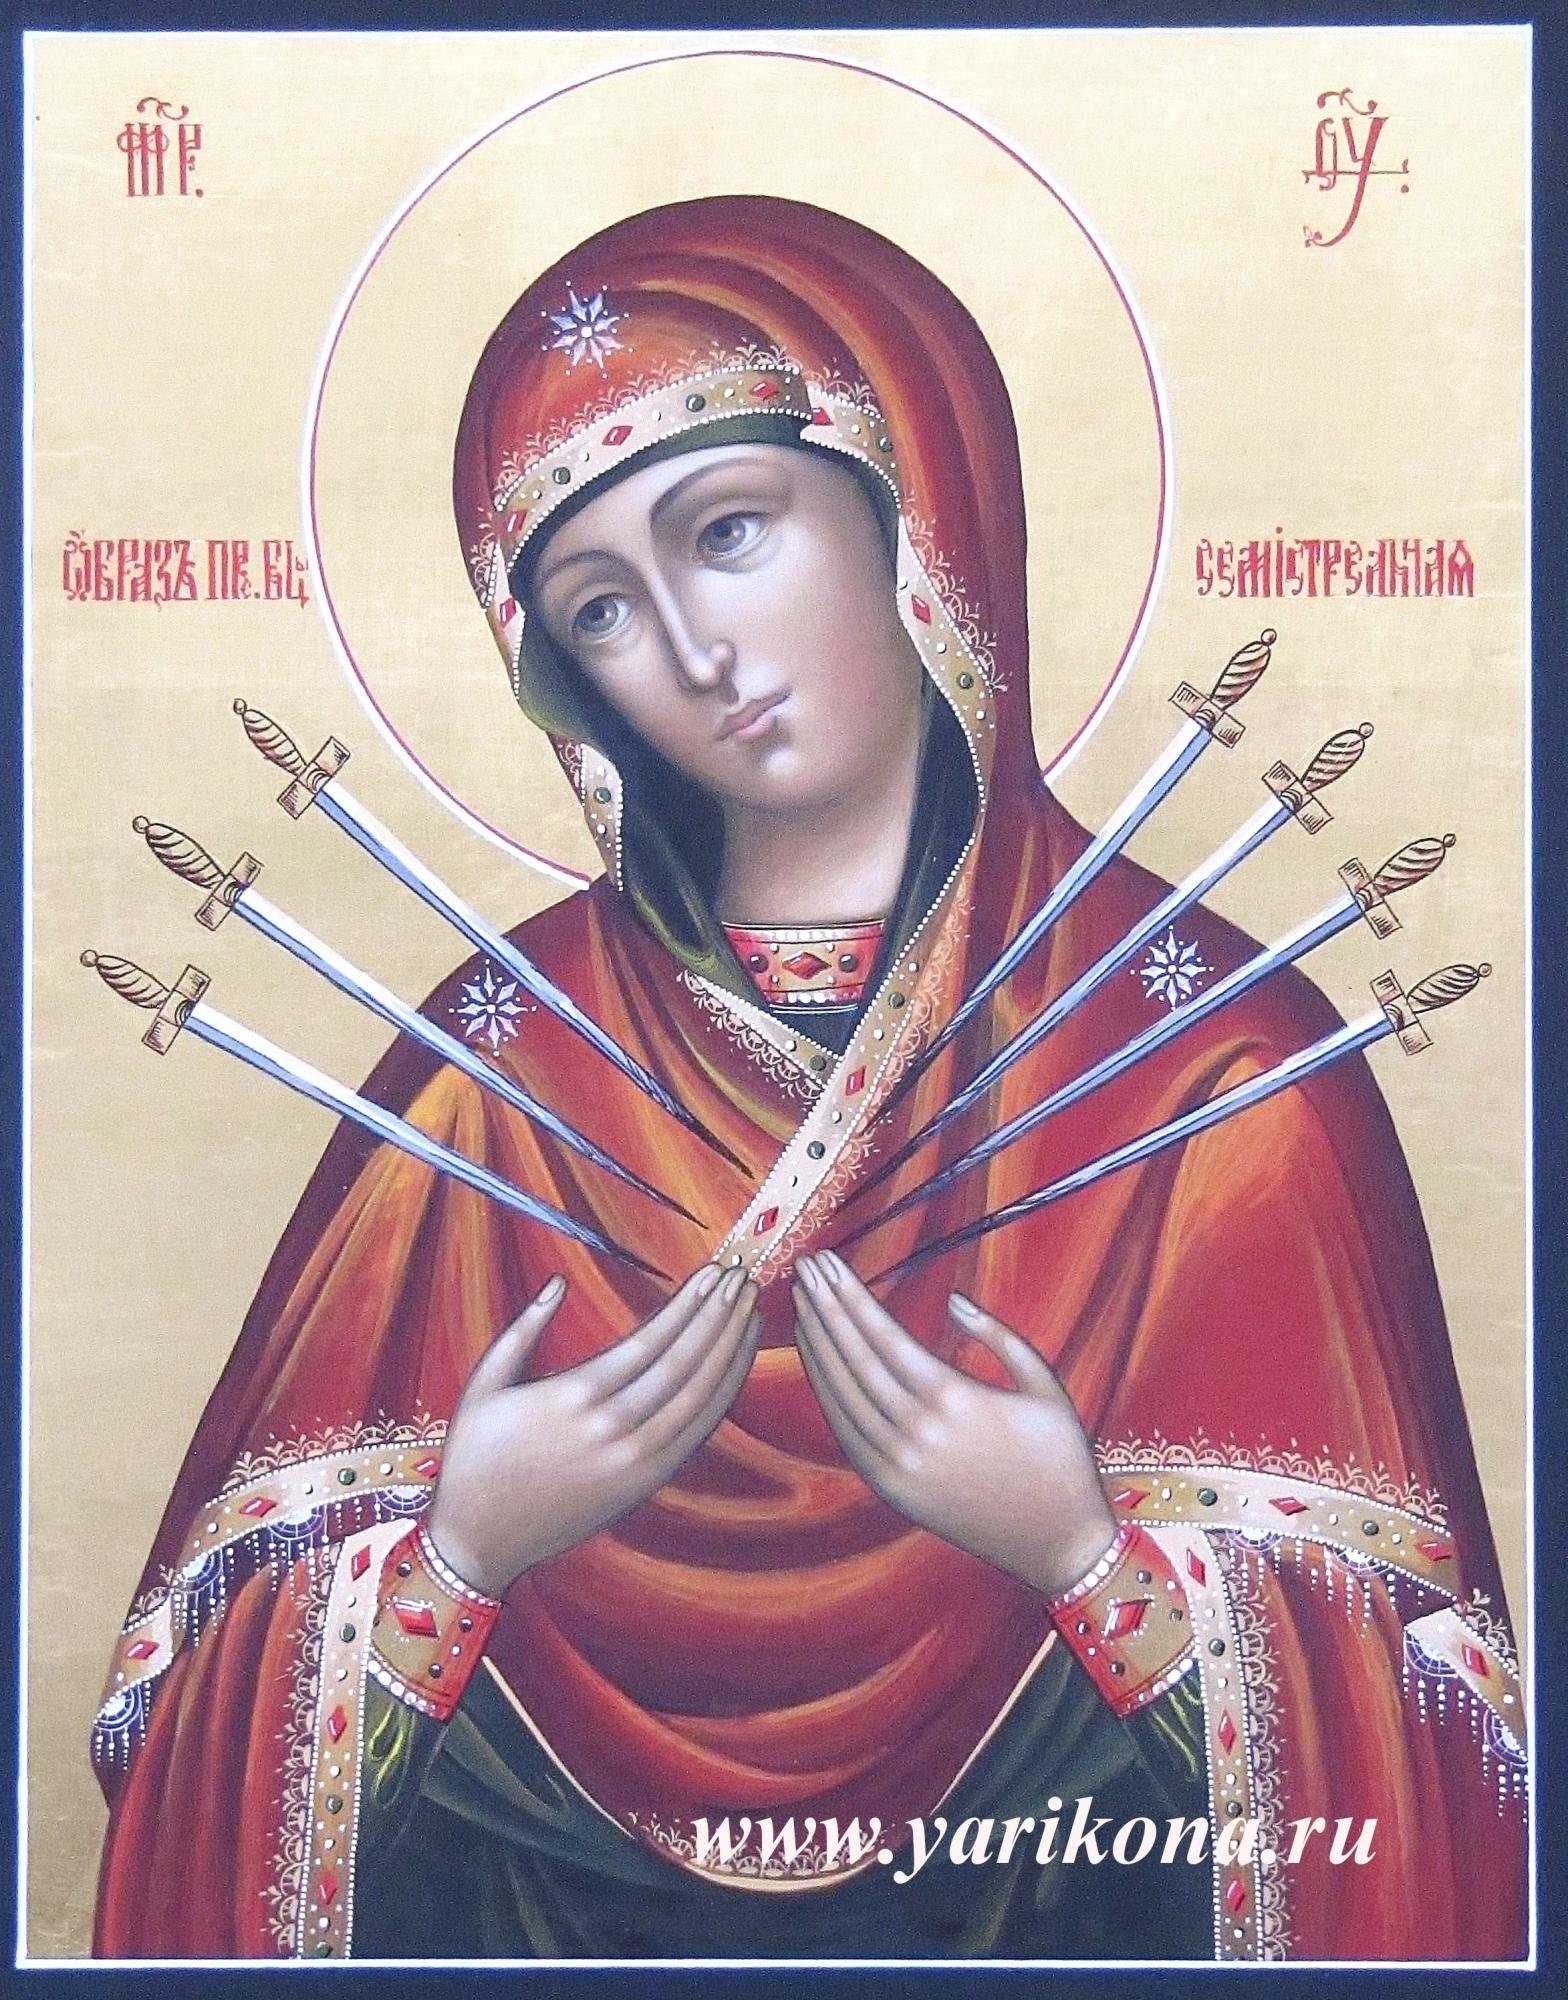 ... иконы вернуться к списку икон: www.yarikona.ru/catalog/semistrelnaja-bm1.htm